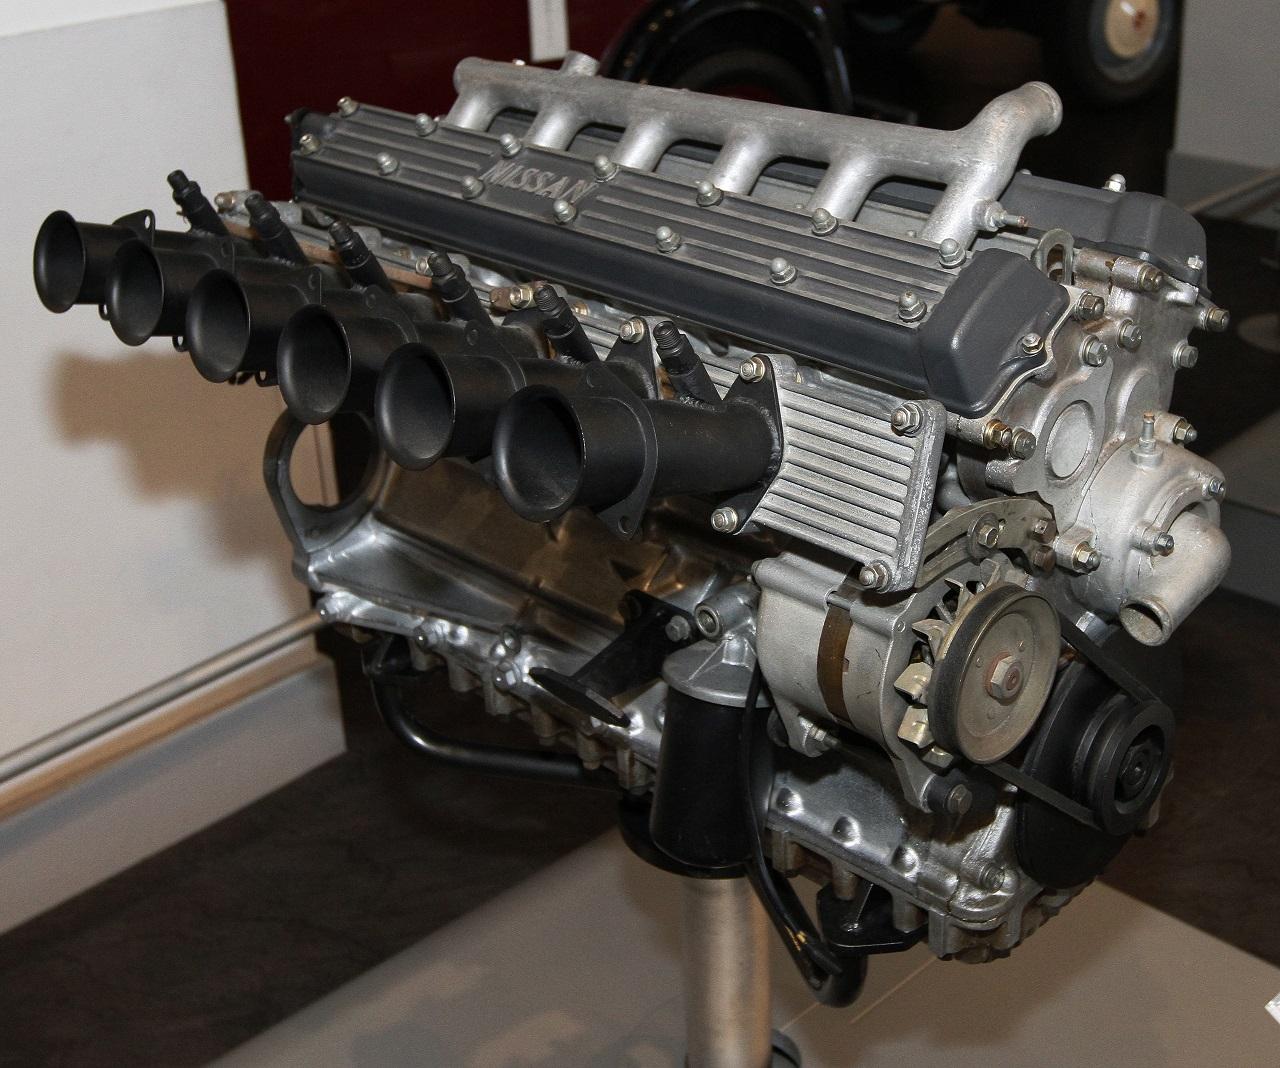 GR8型エンジン。左右分割されたヘッドカバーがまるでV型エンジンのように見える(出典:https://commons.wikimedia.org/wiki/)